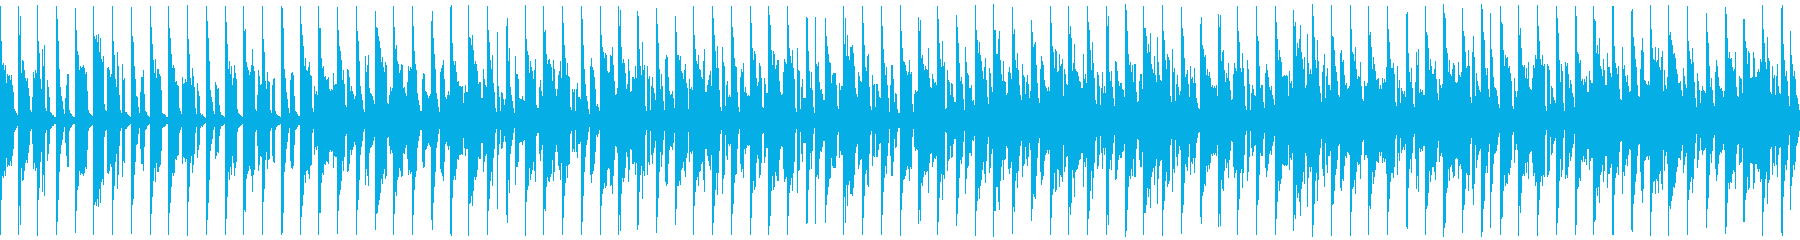 CMに合うトランス風シンセ【ループ】の再生済みの波形